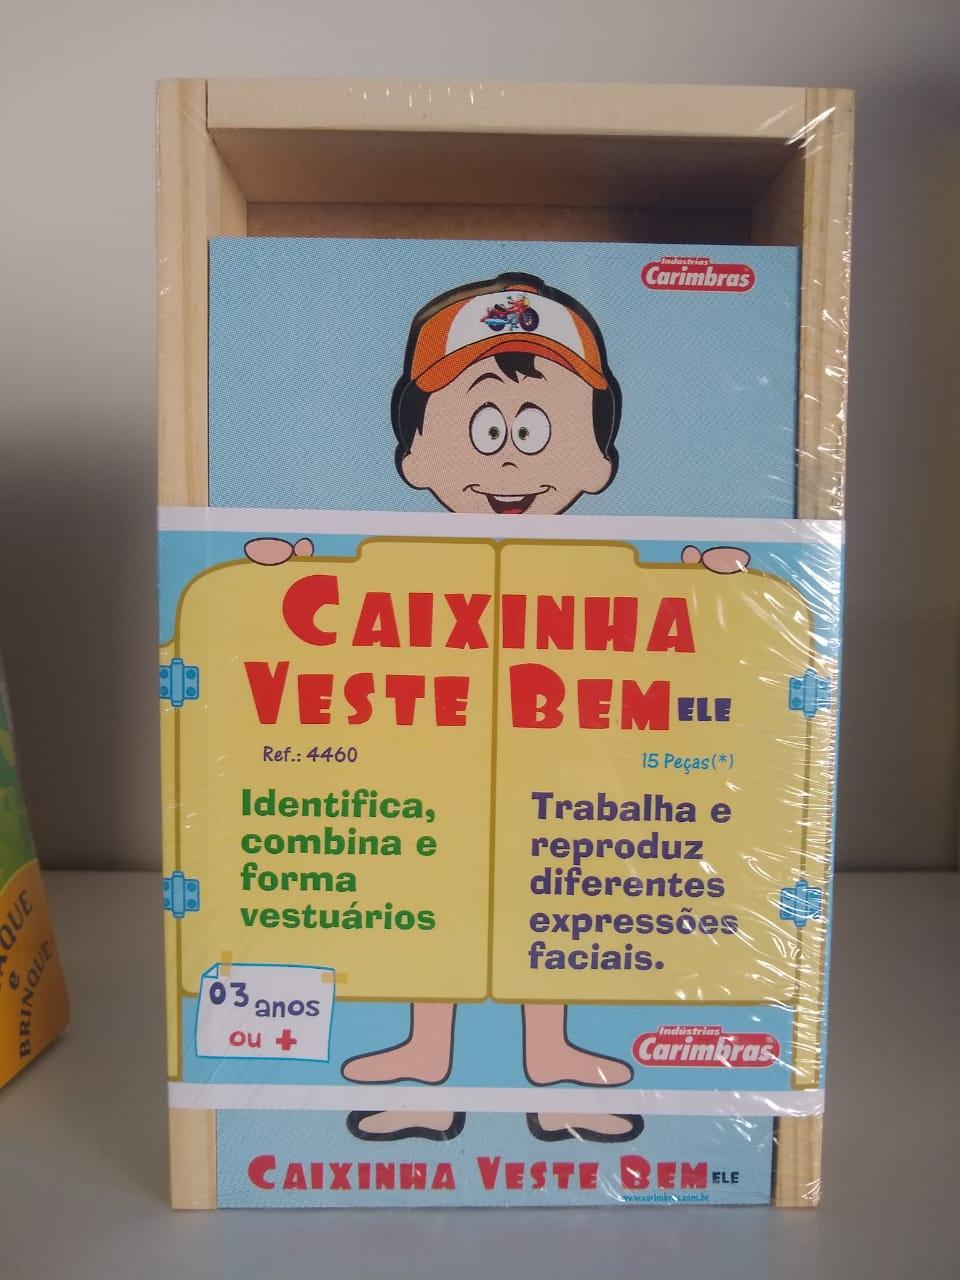 Caixinha Veste Bem Ele em Madeira 4460 Carimbras